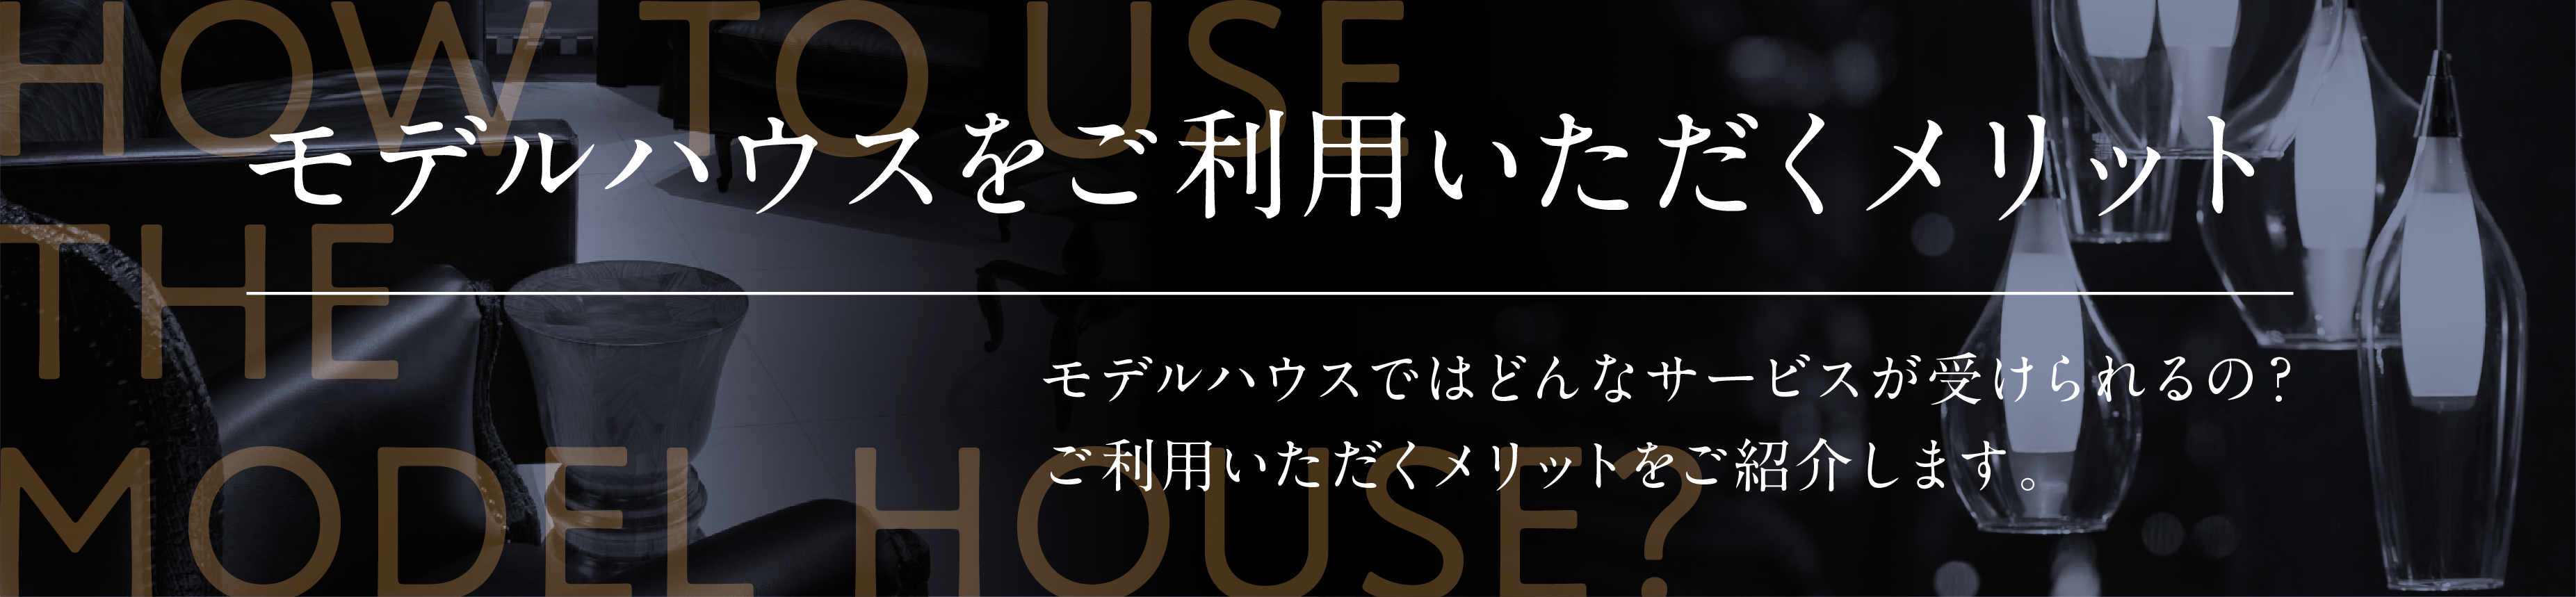 モデルハウスご活用法